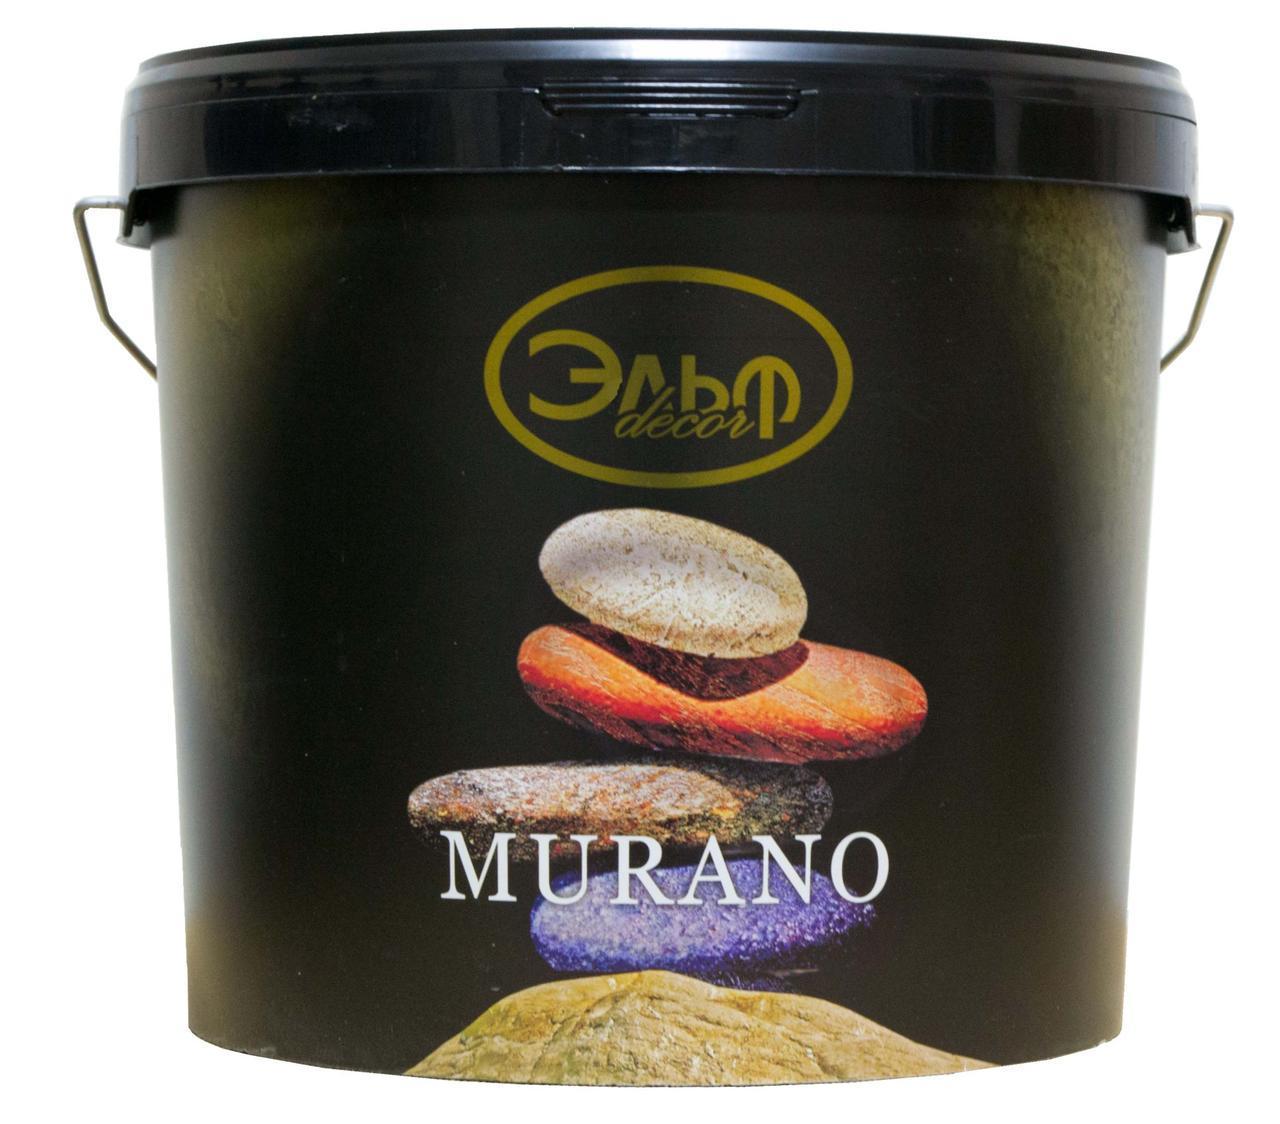 MURANO Gold (Мурано Голд), Эльф, венецианская штукатурка, 1кг